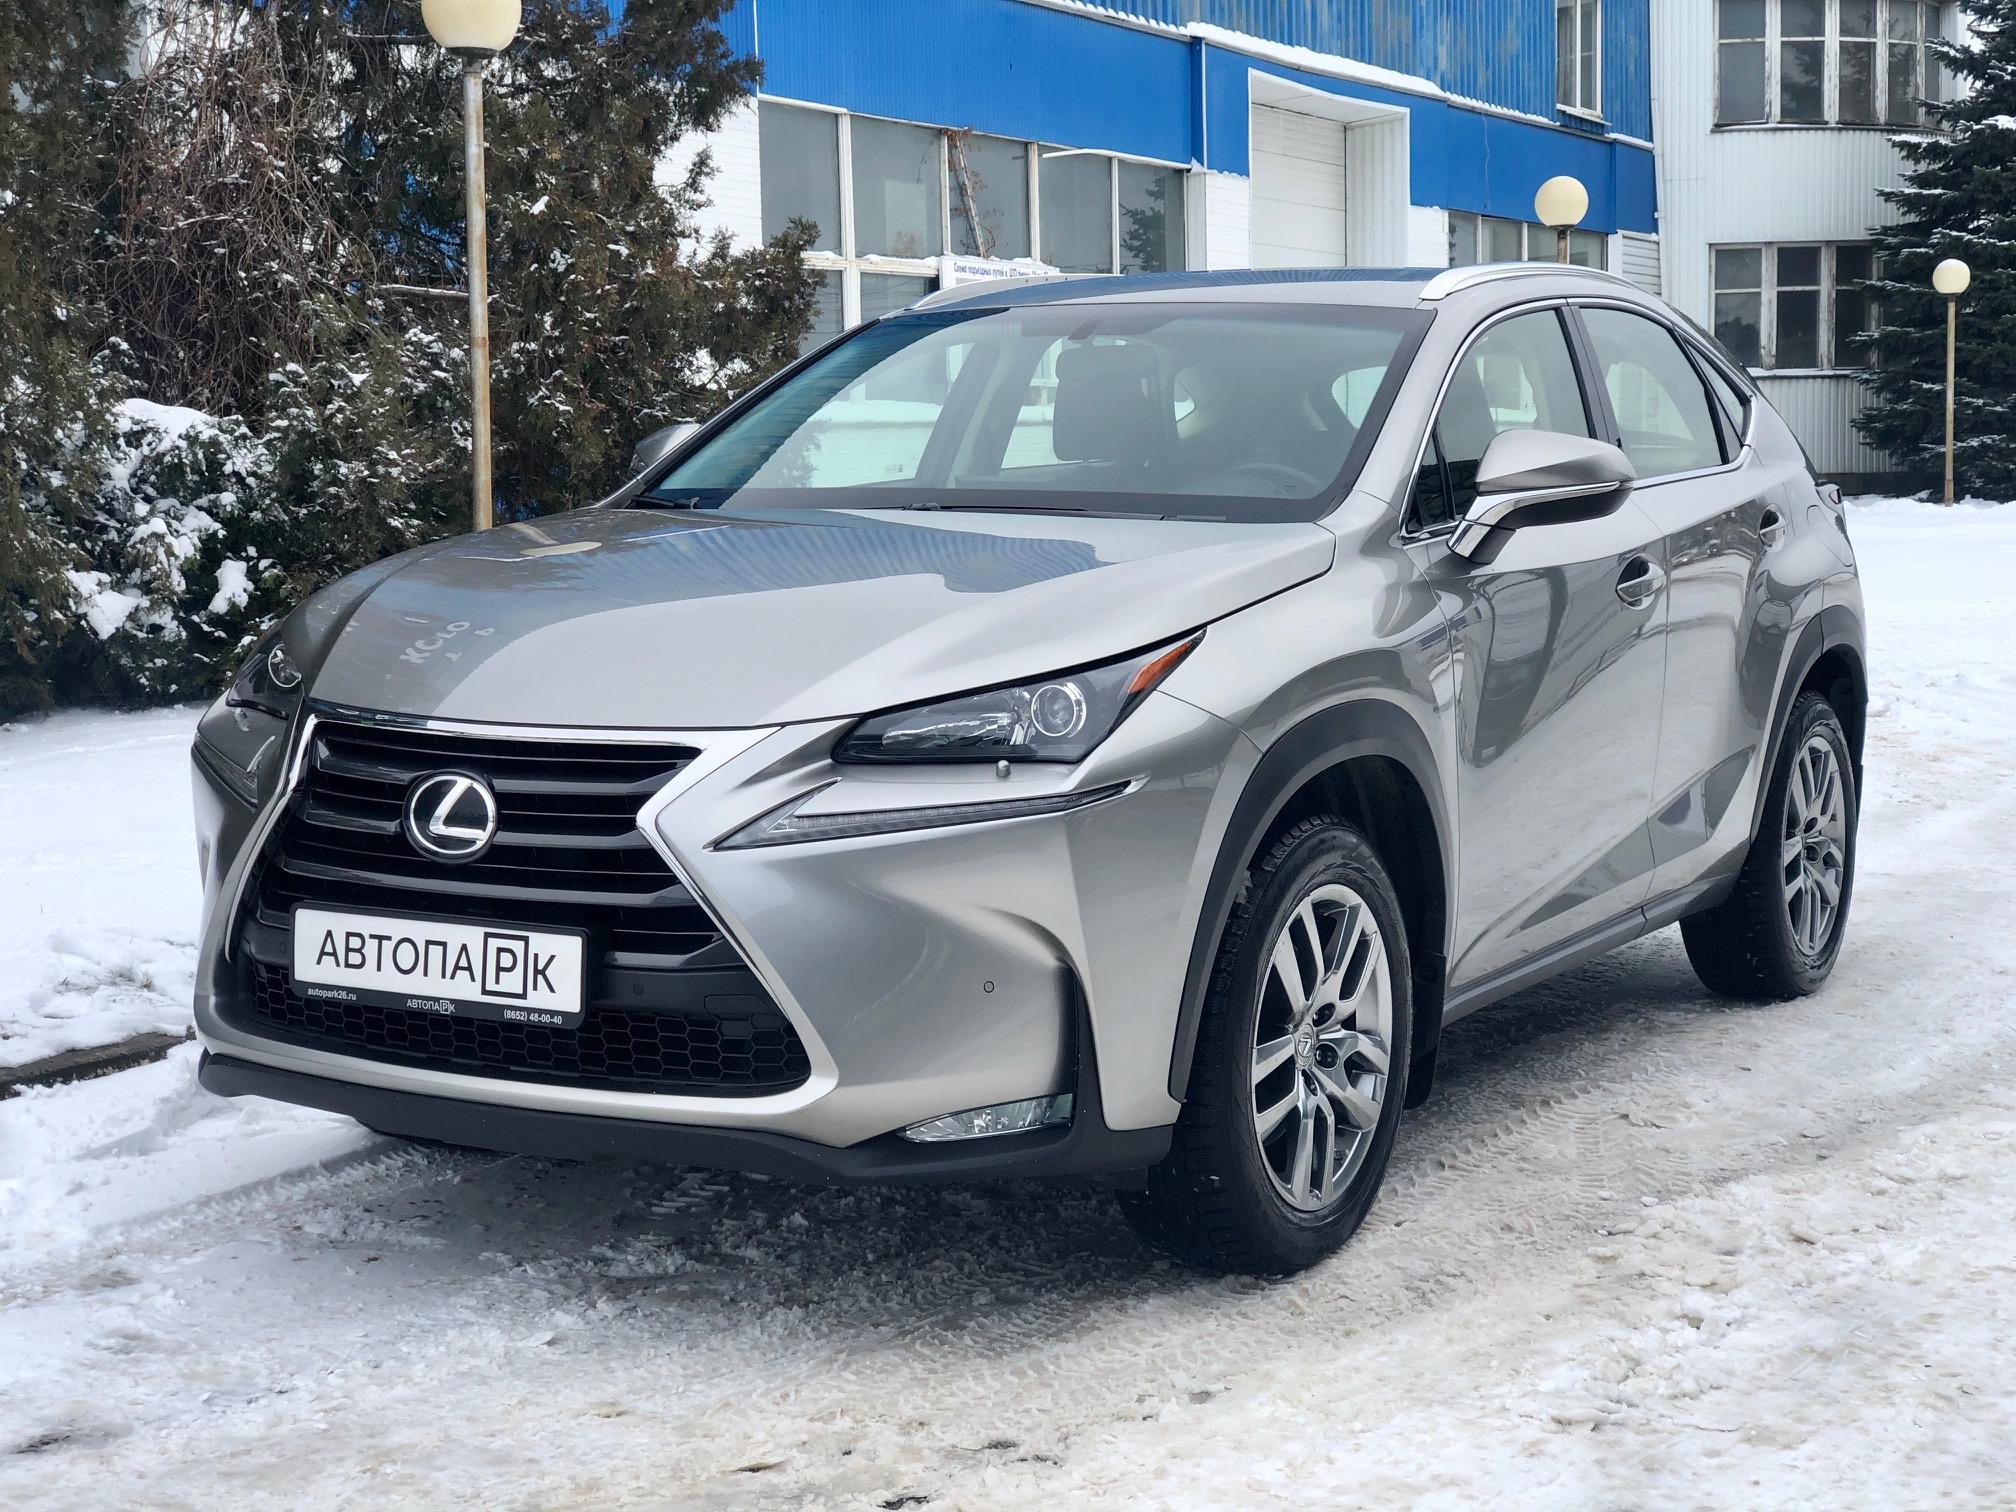 Купить Lexus NX (Серебристый ) - Автопарк Ставрополь